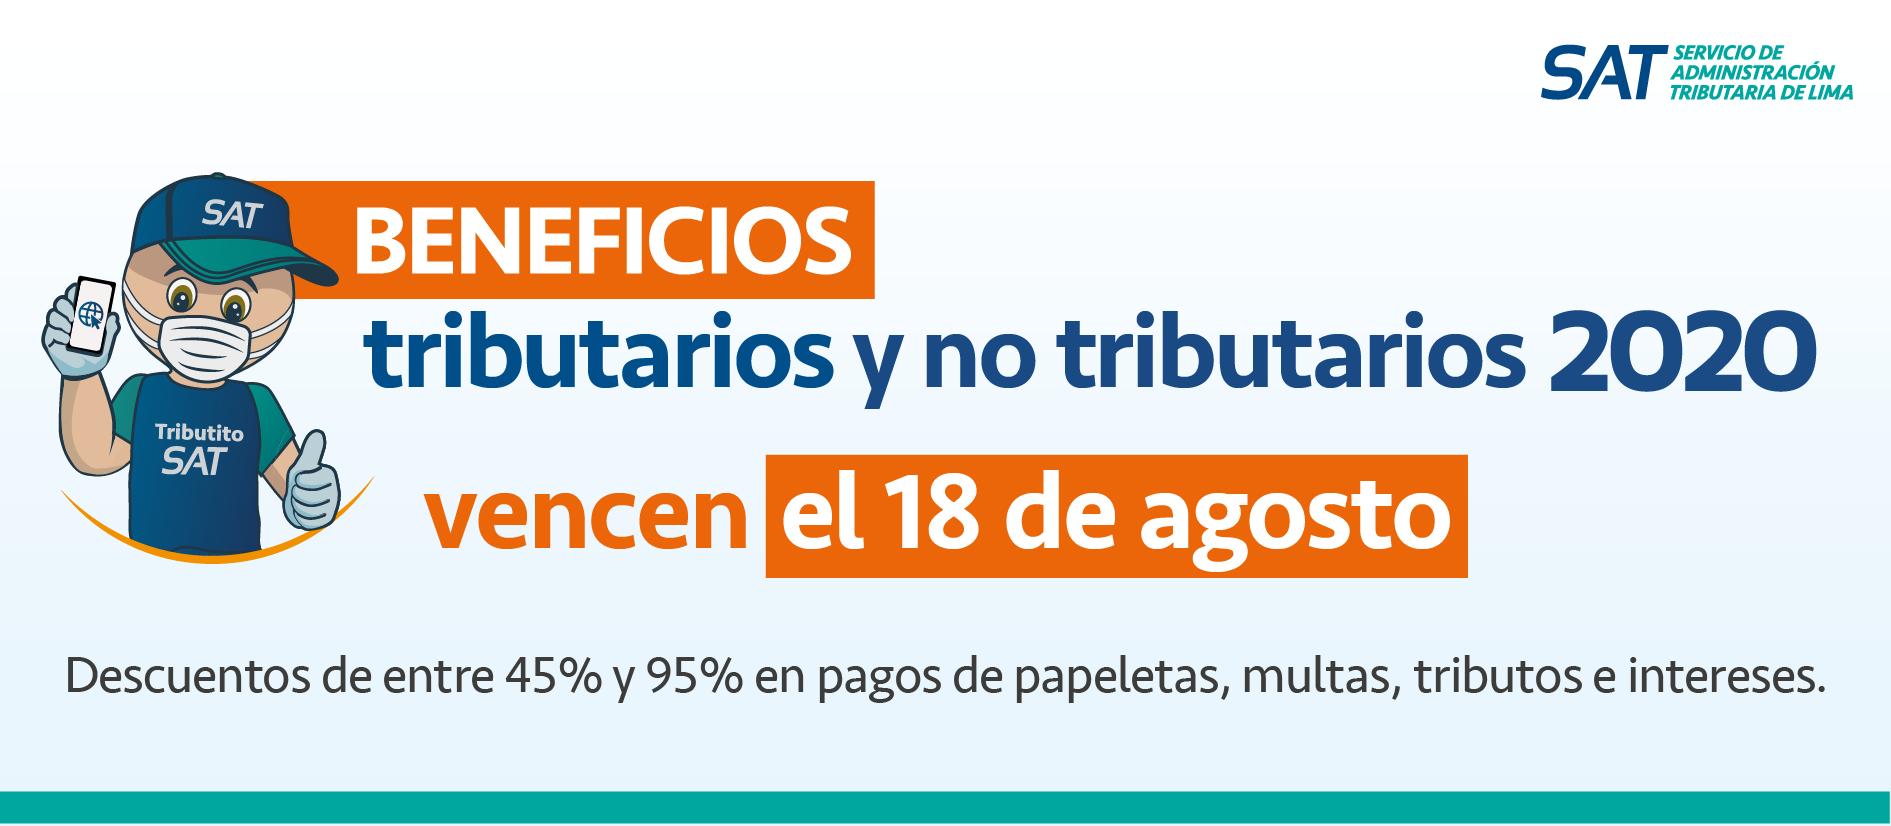 BENEFICIOS TRIBUTARIOS Y NO TRIBUTARIOS 2020